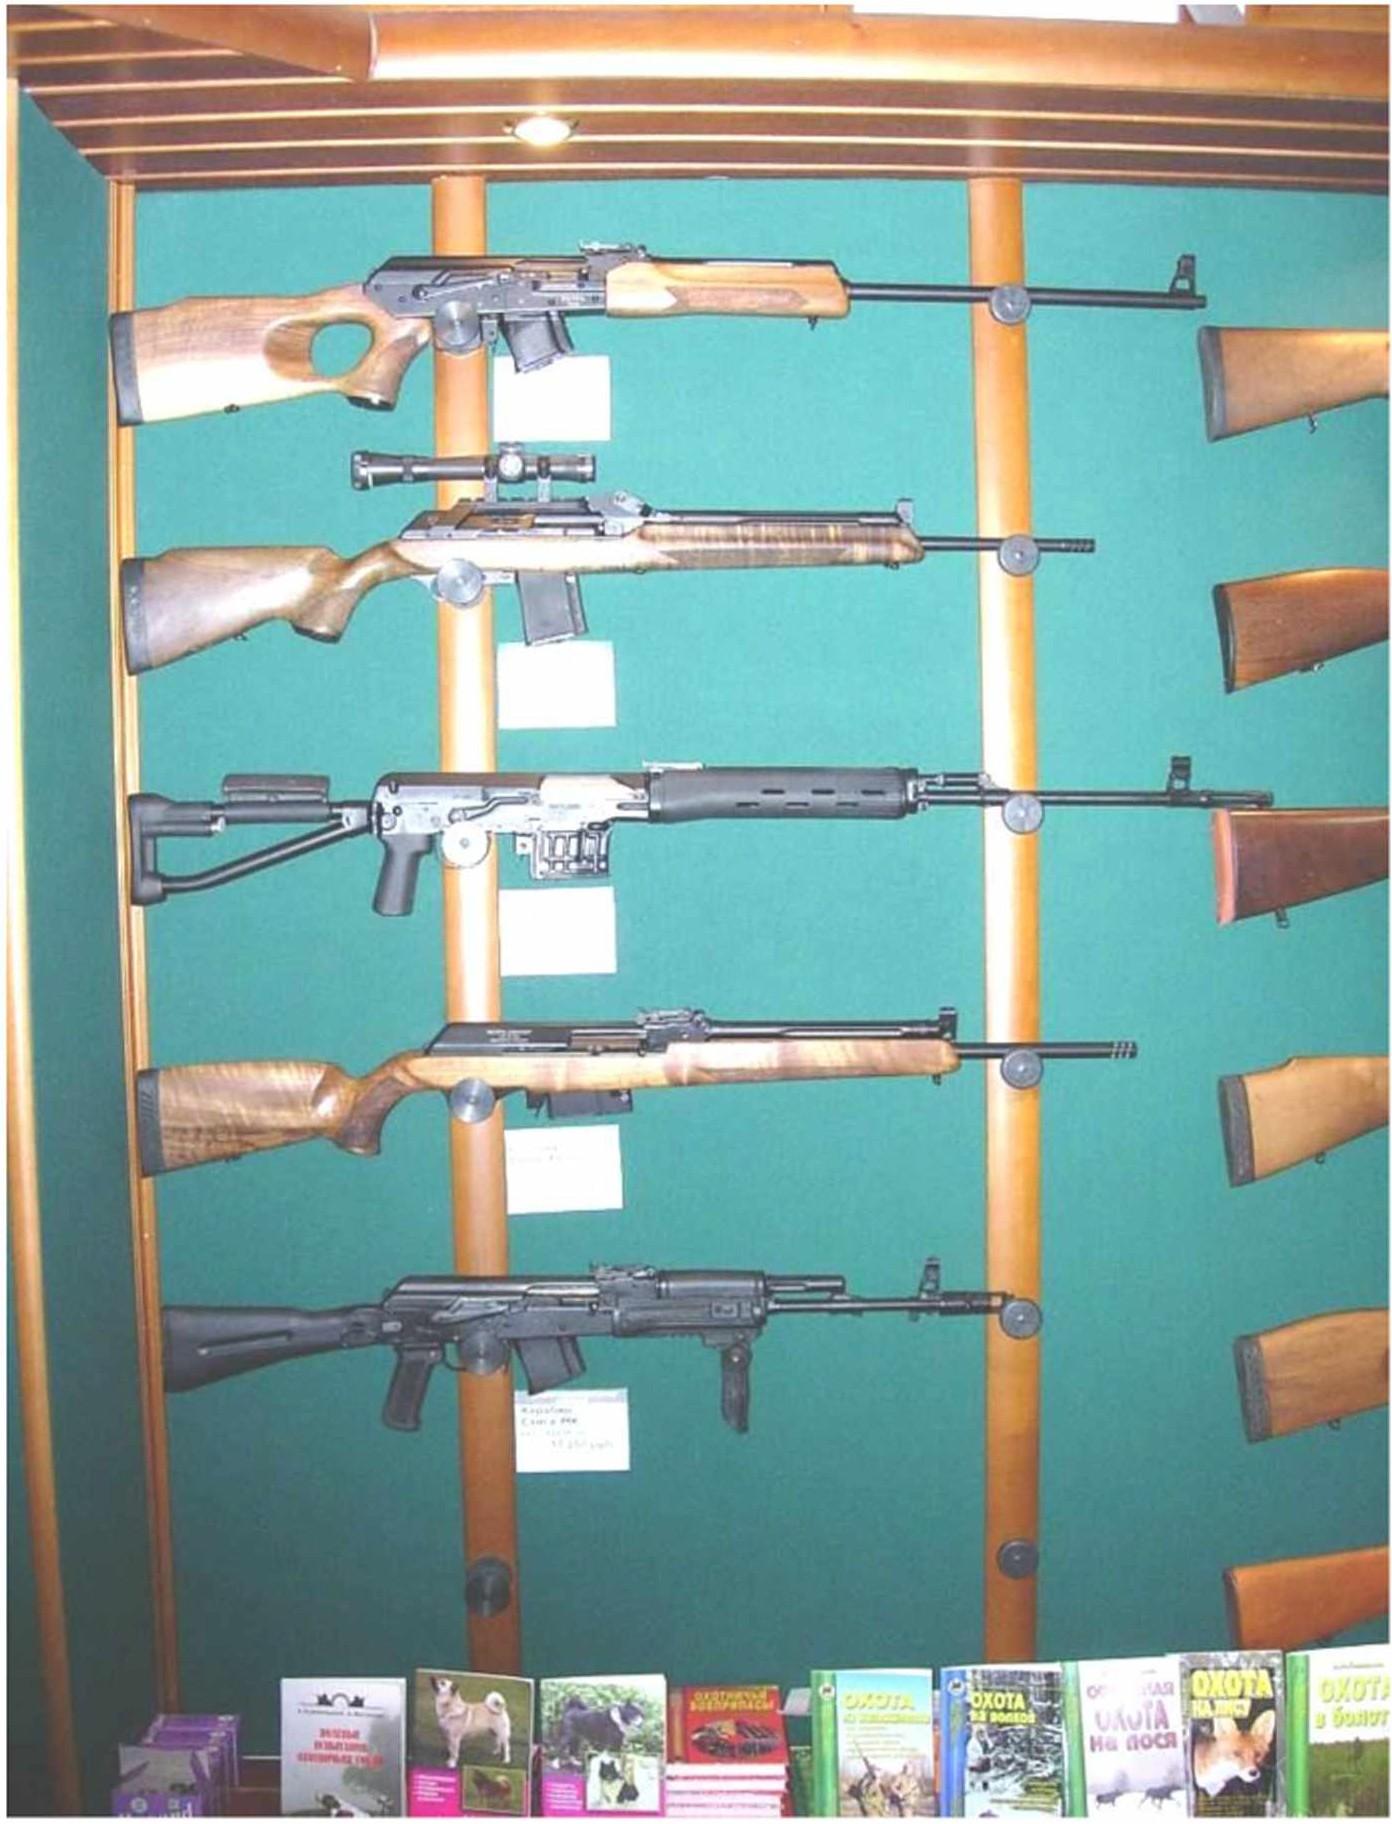 отечественное нарезное оружие, используемое для добывания охотничьих животных